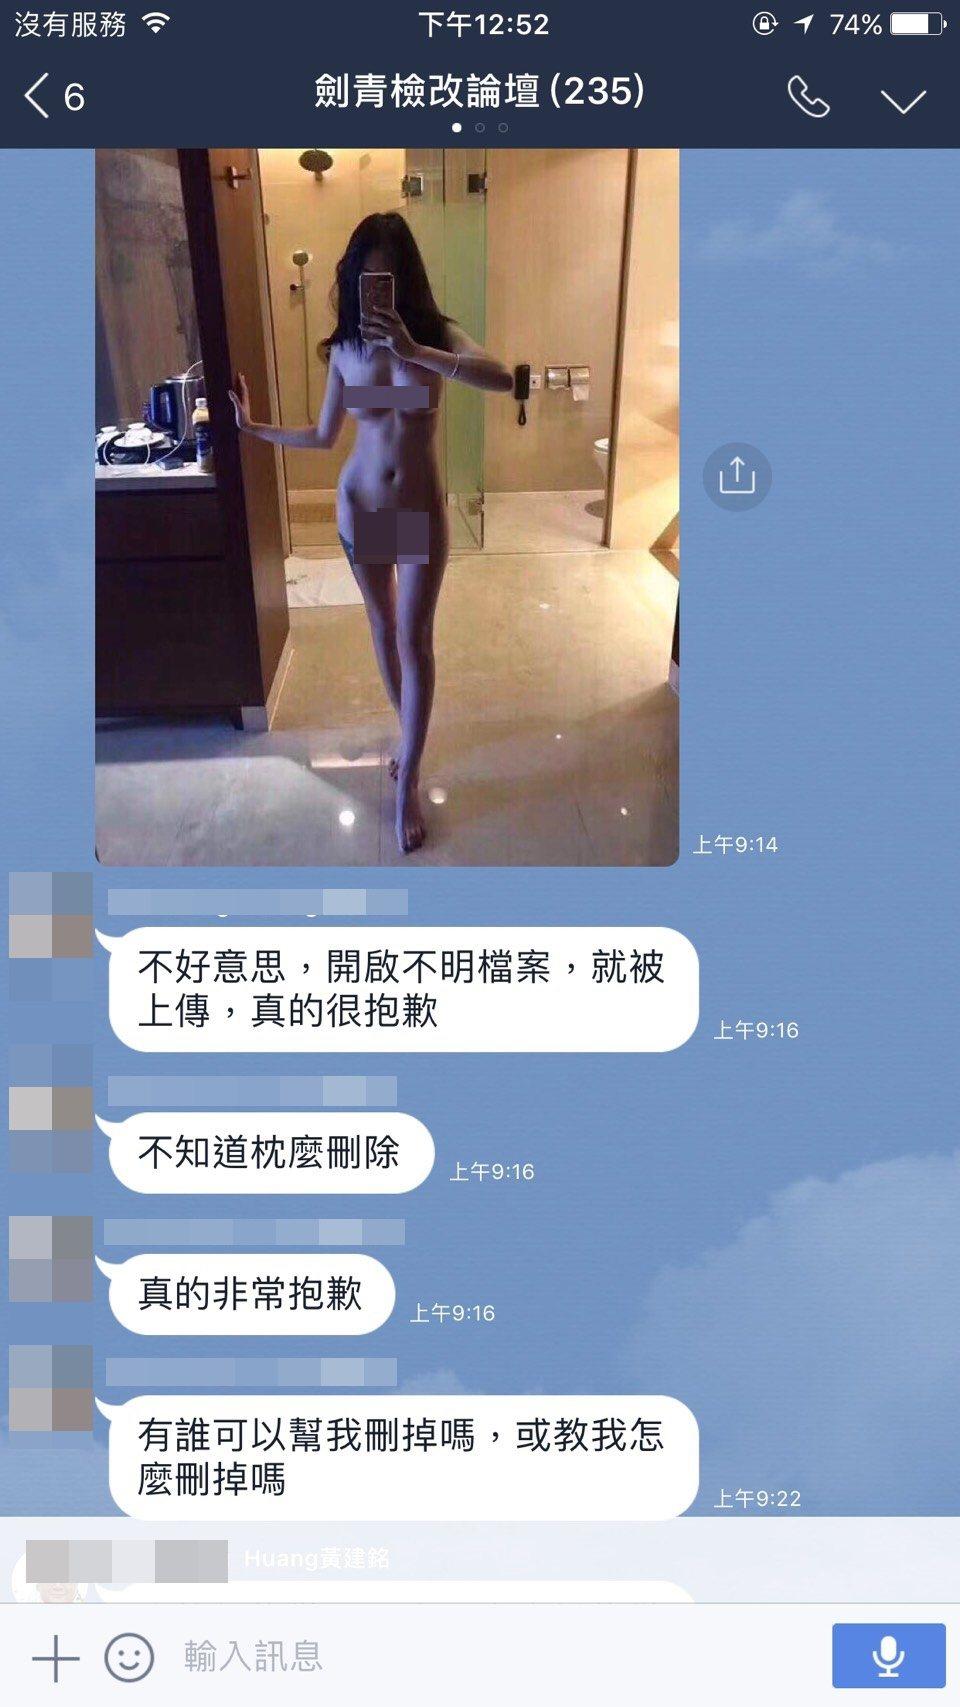 專門討論檢察官改革事務的「劍青檢改論壇」LINE群組,出現這張令人臉紅心跳的裸女...